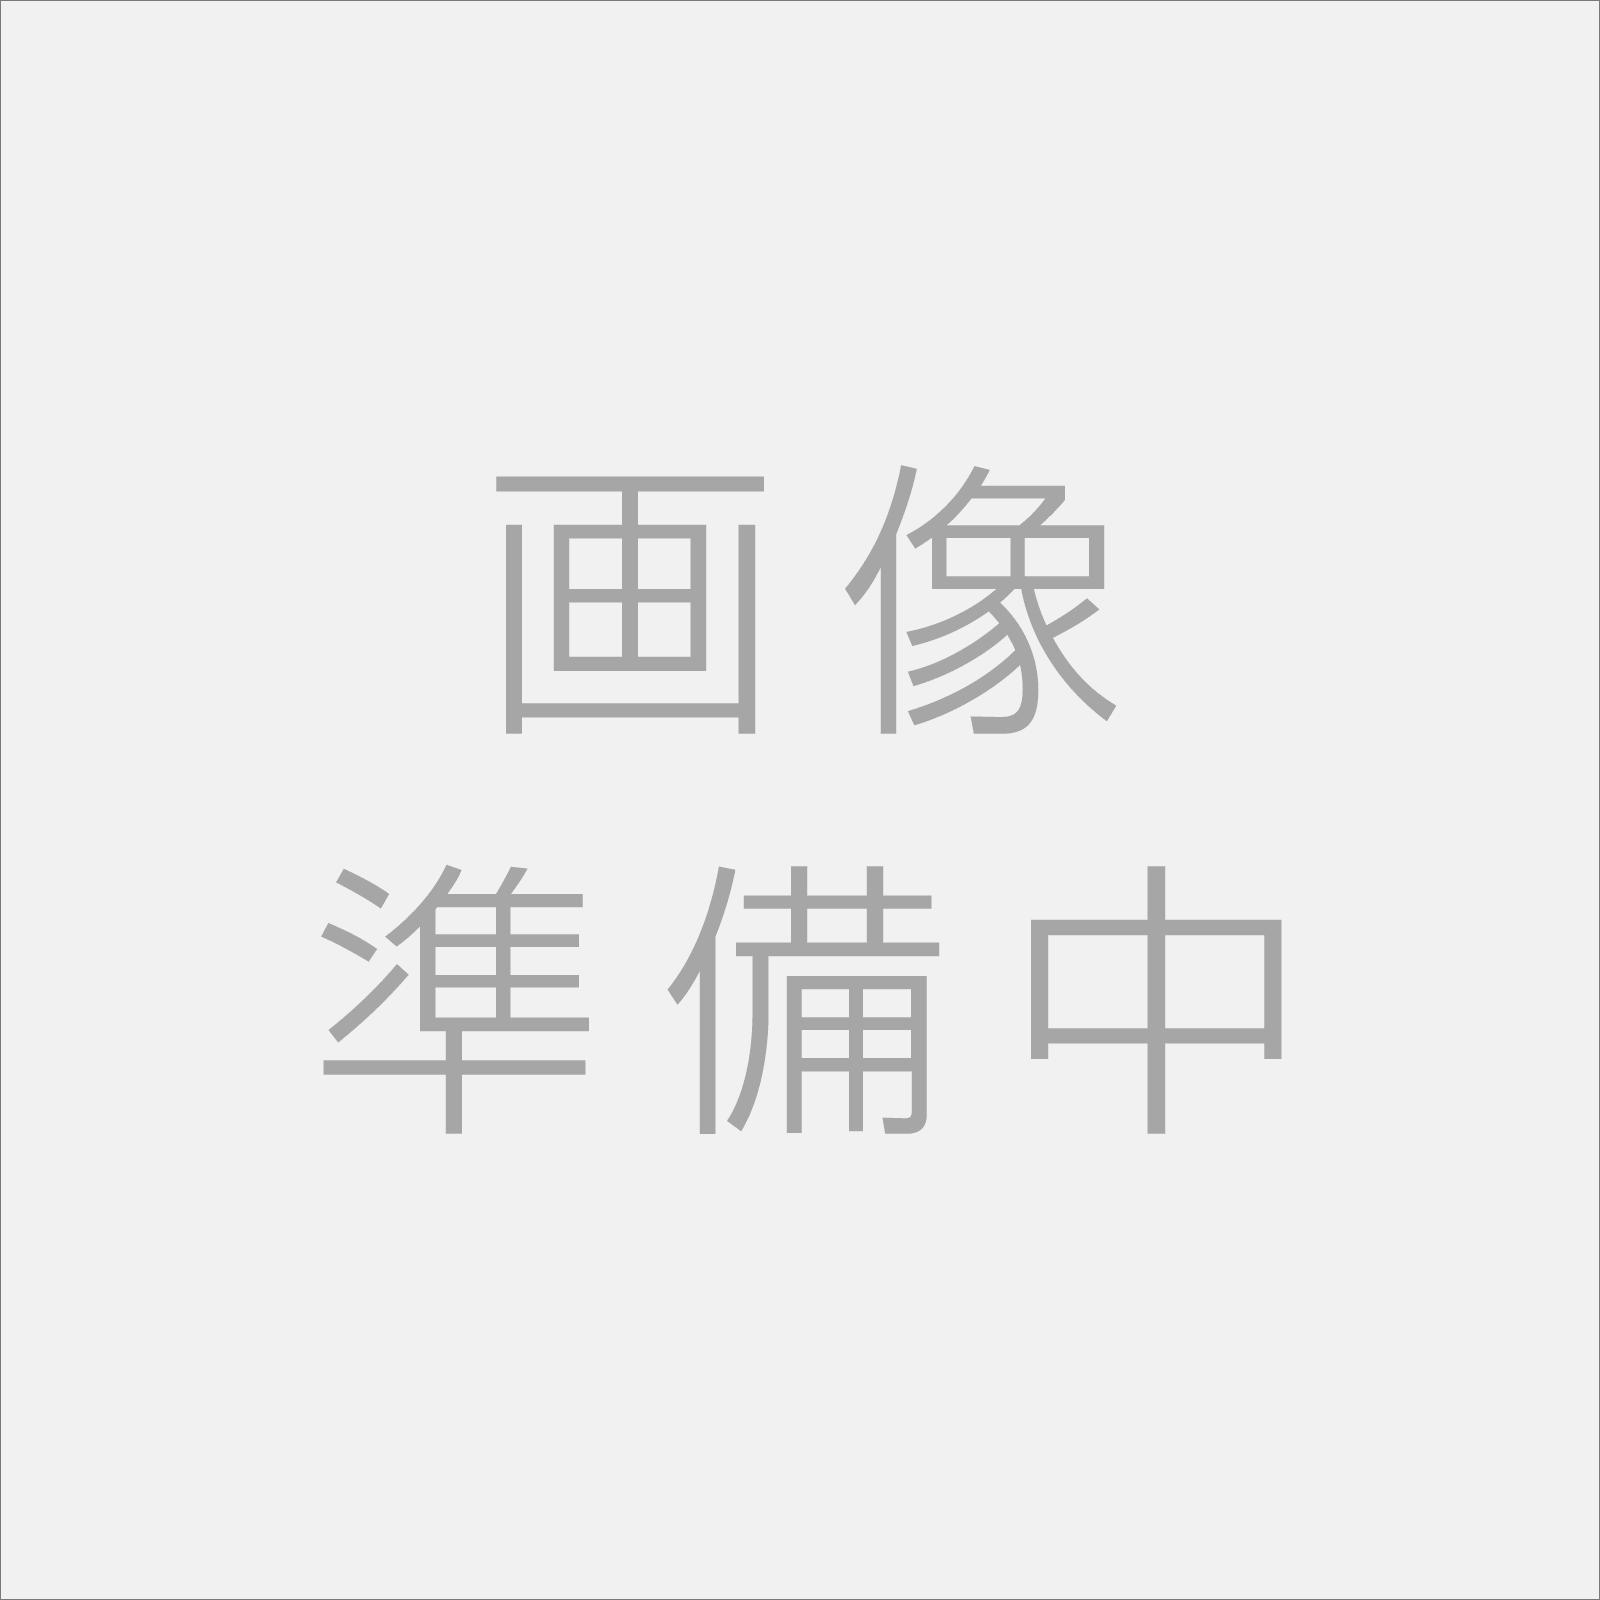 クレアホームズ フラン東京三ノ輪